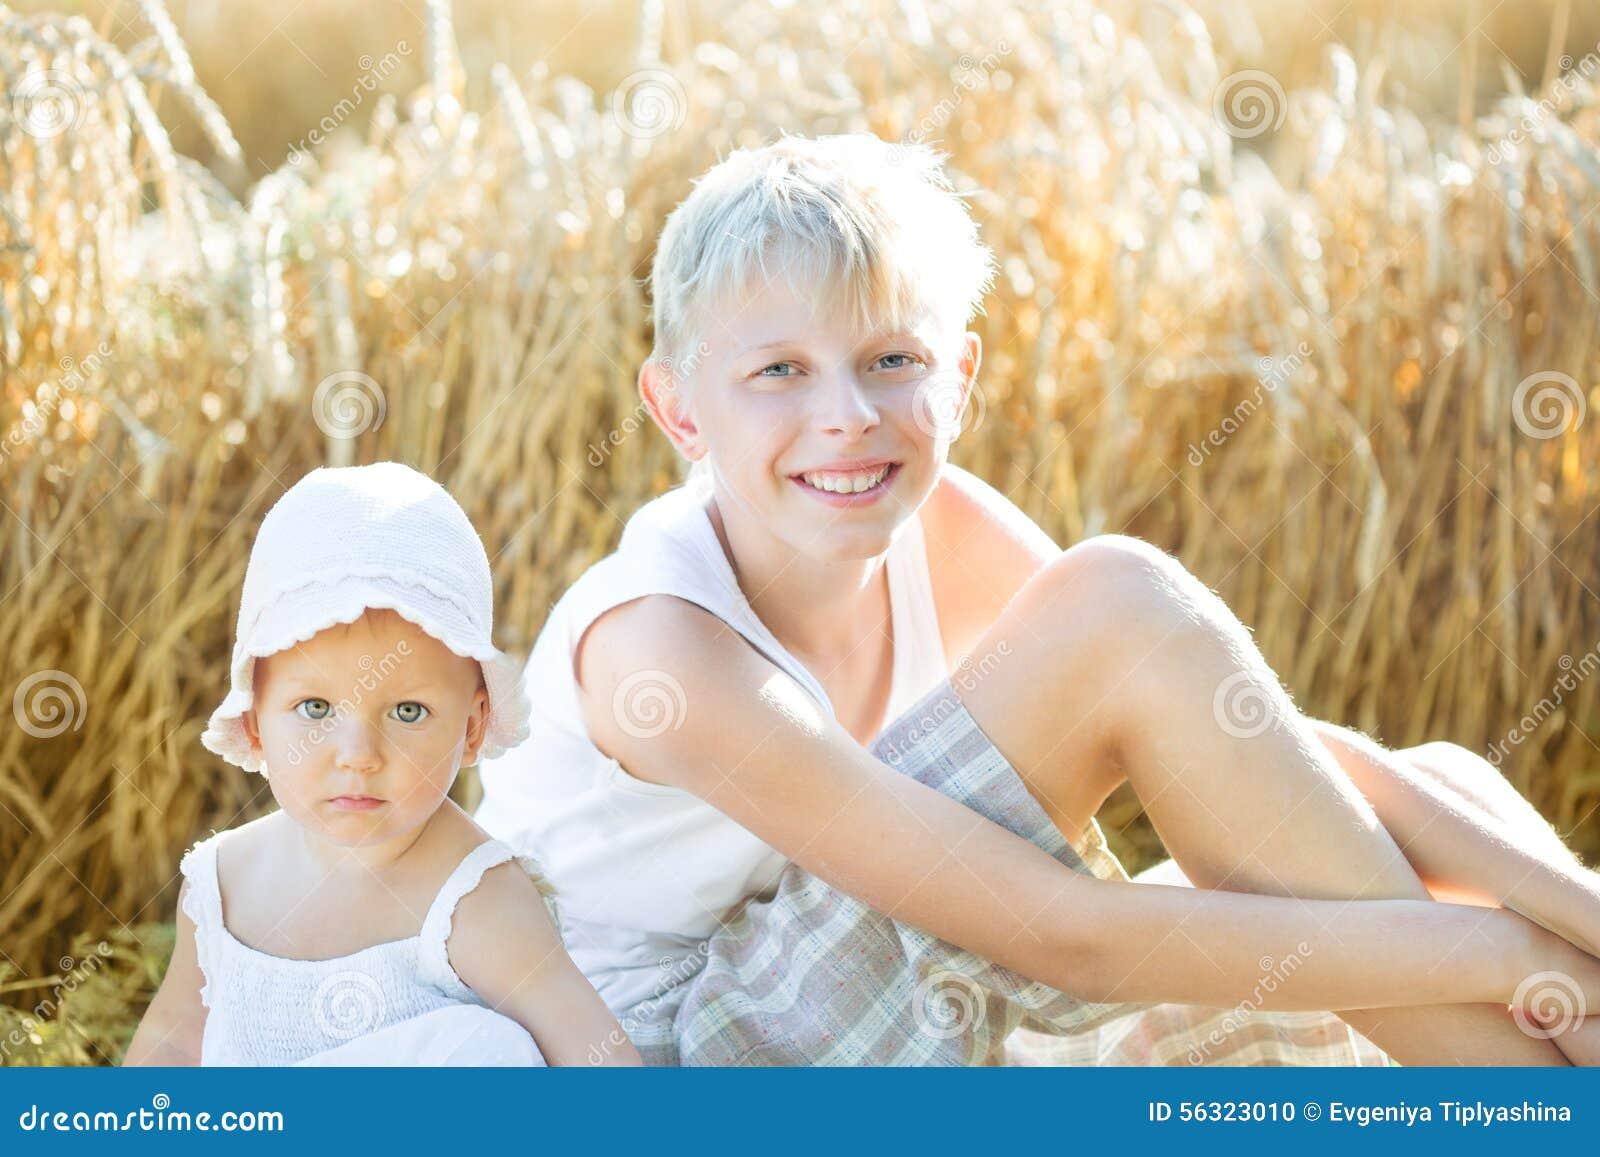 Barn i ett vete sätter in